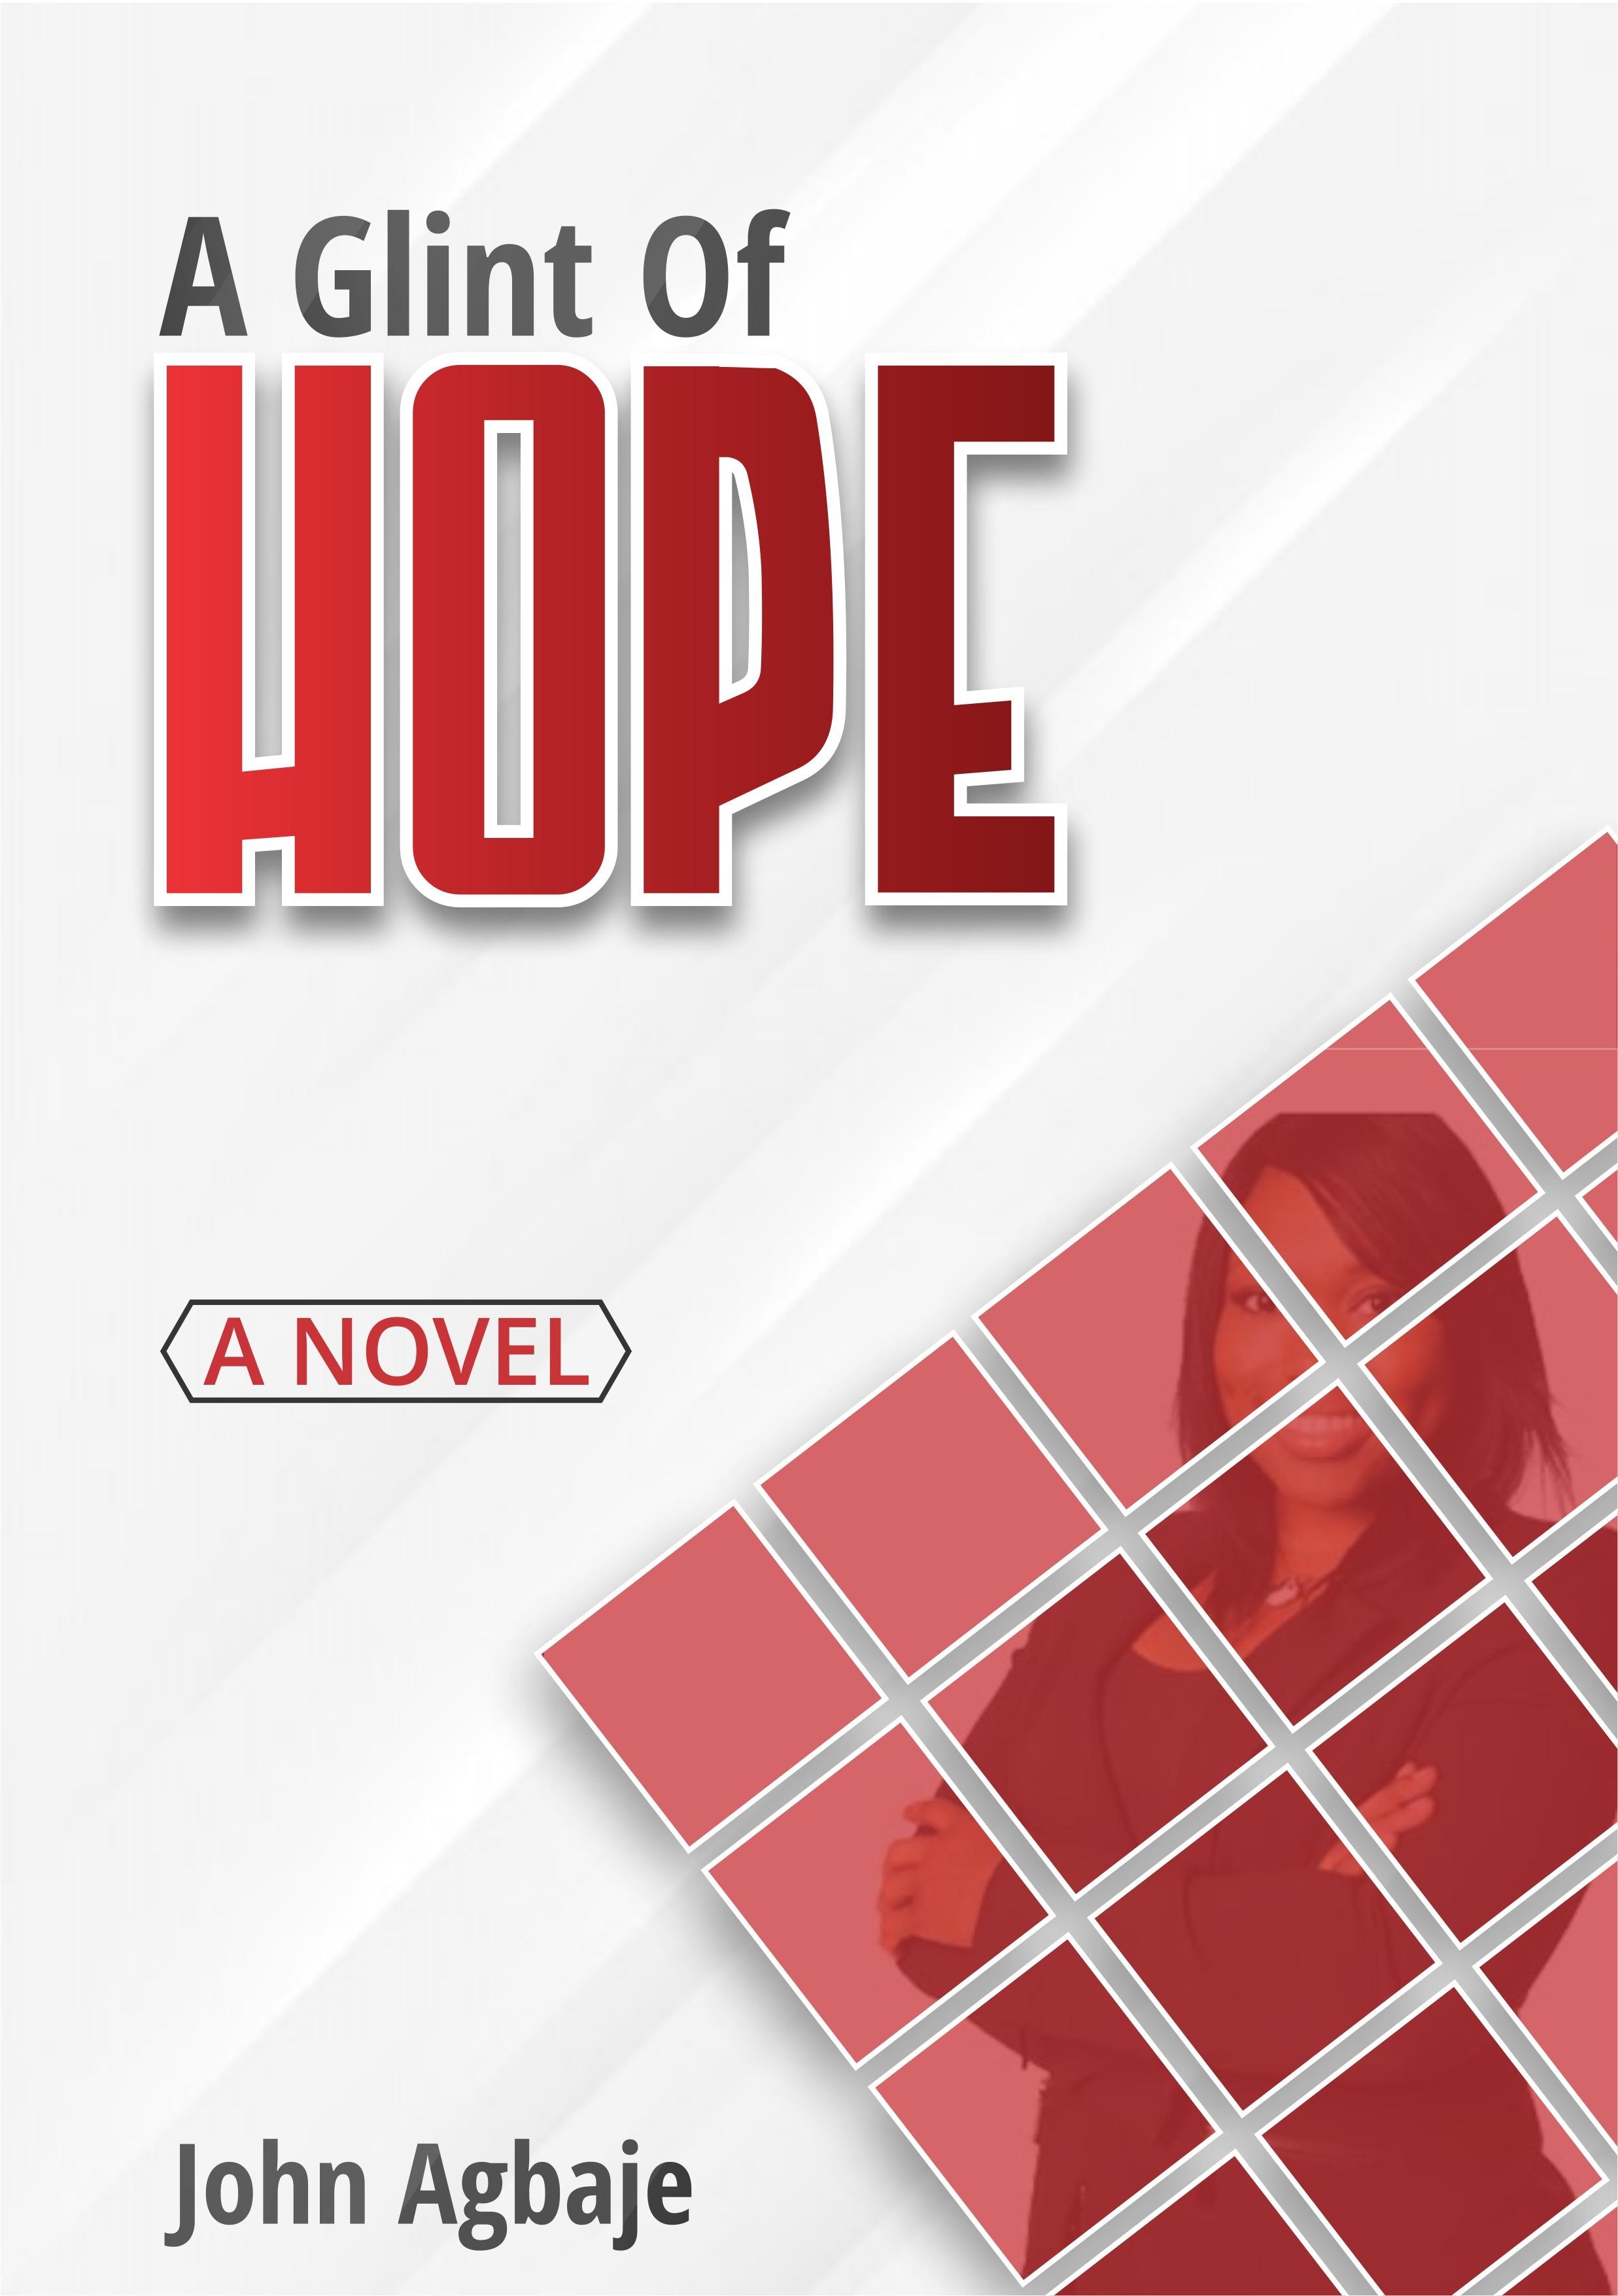 A GLINT OF HOPE